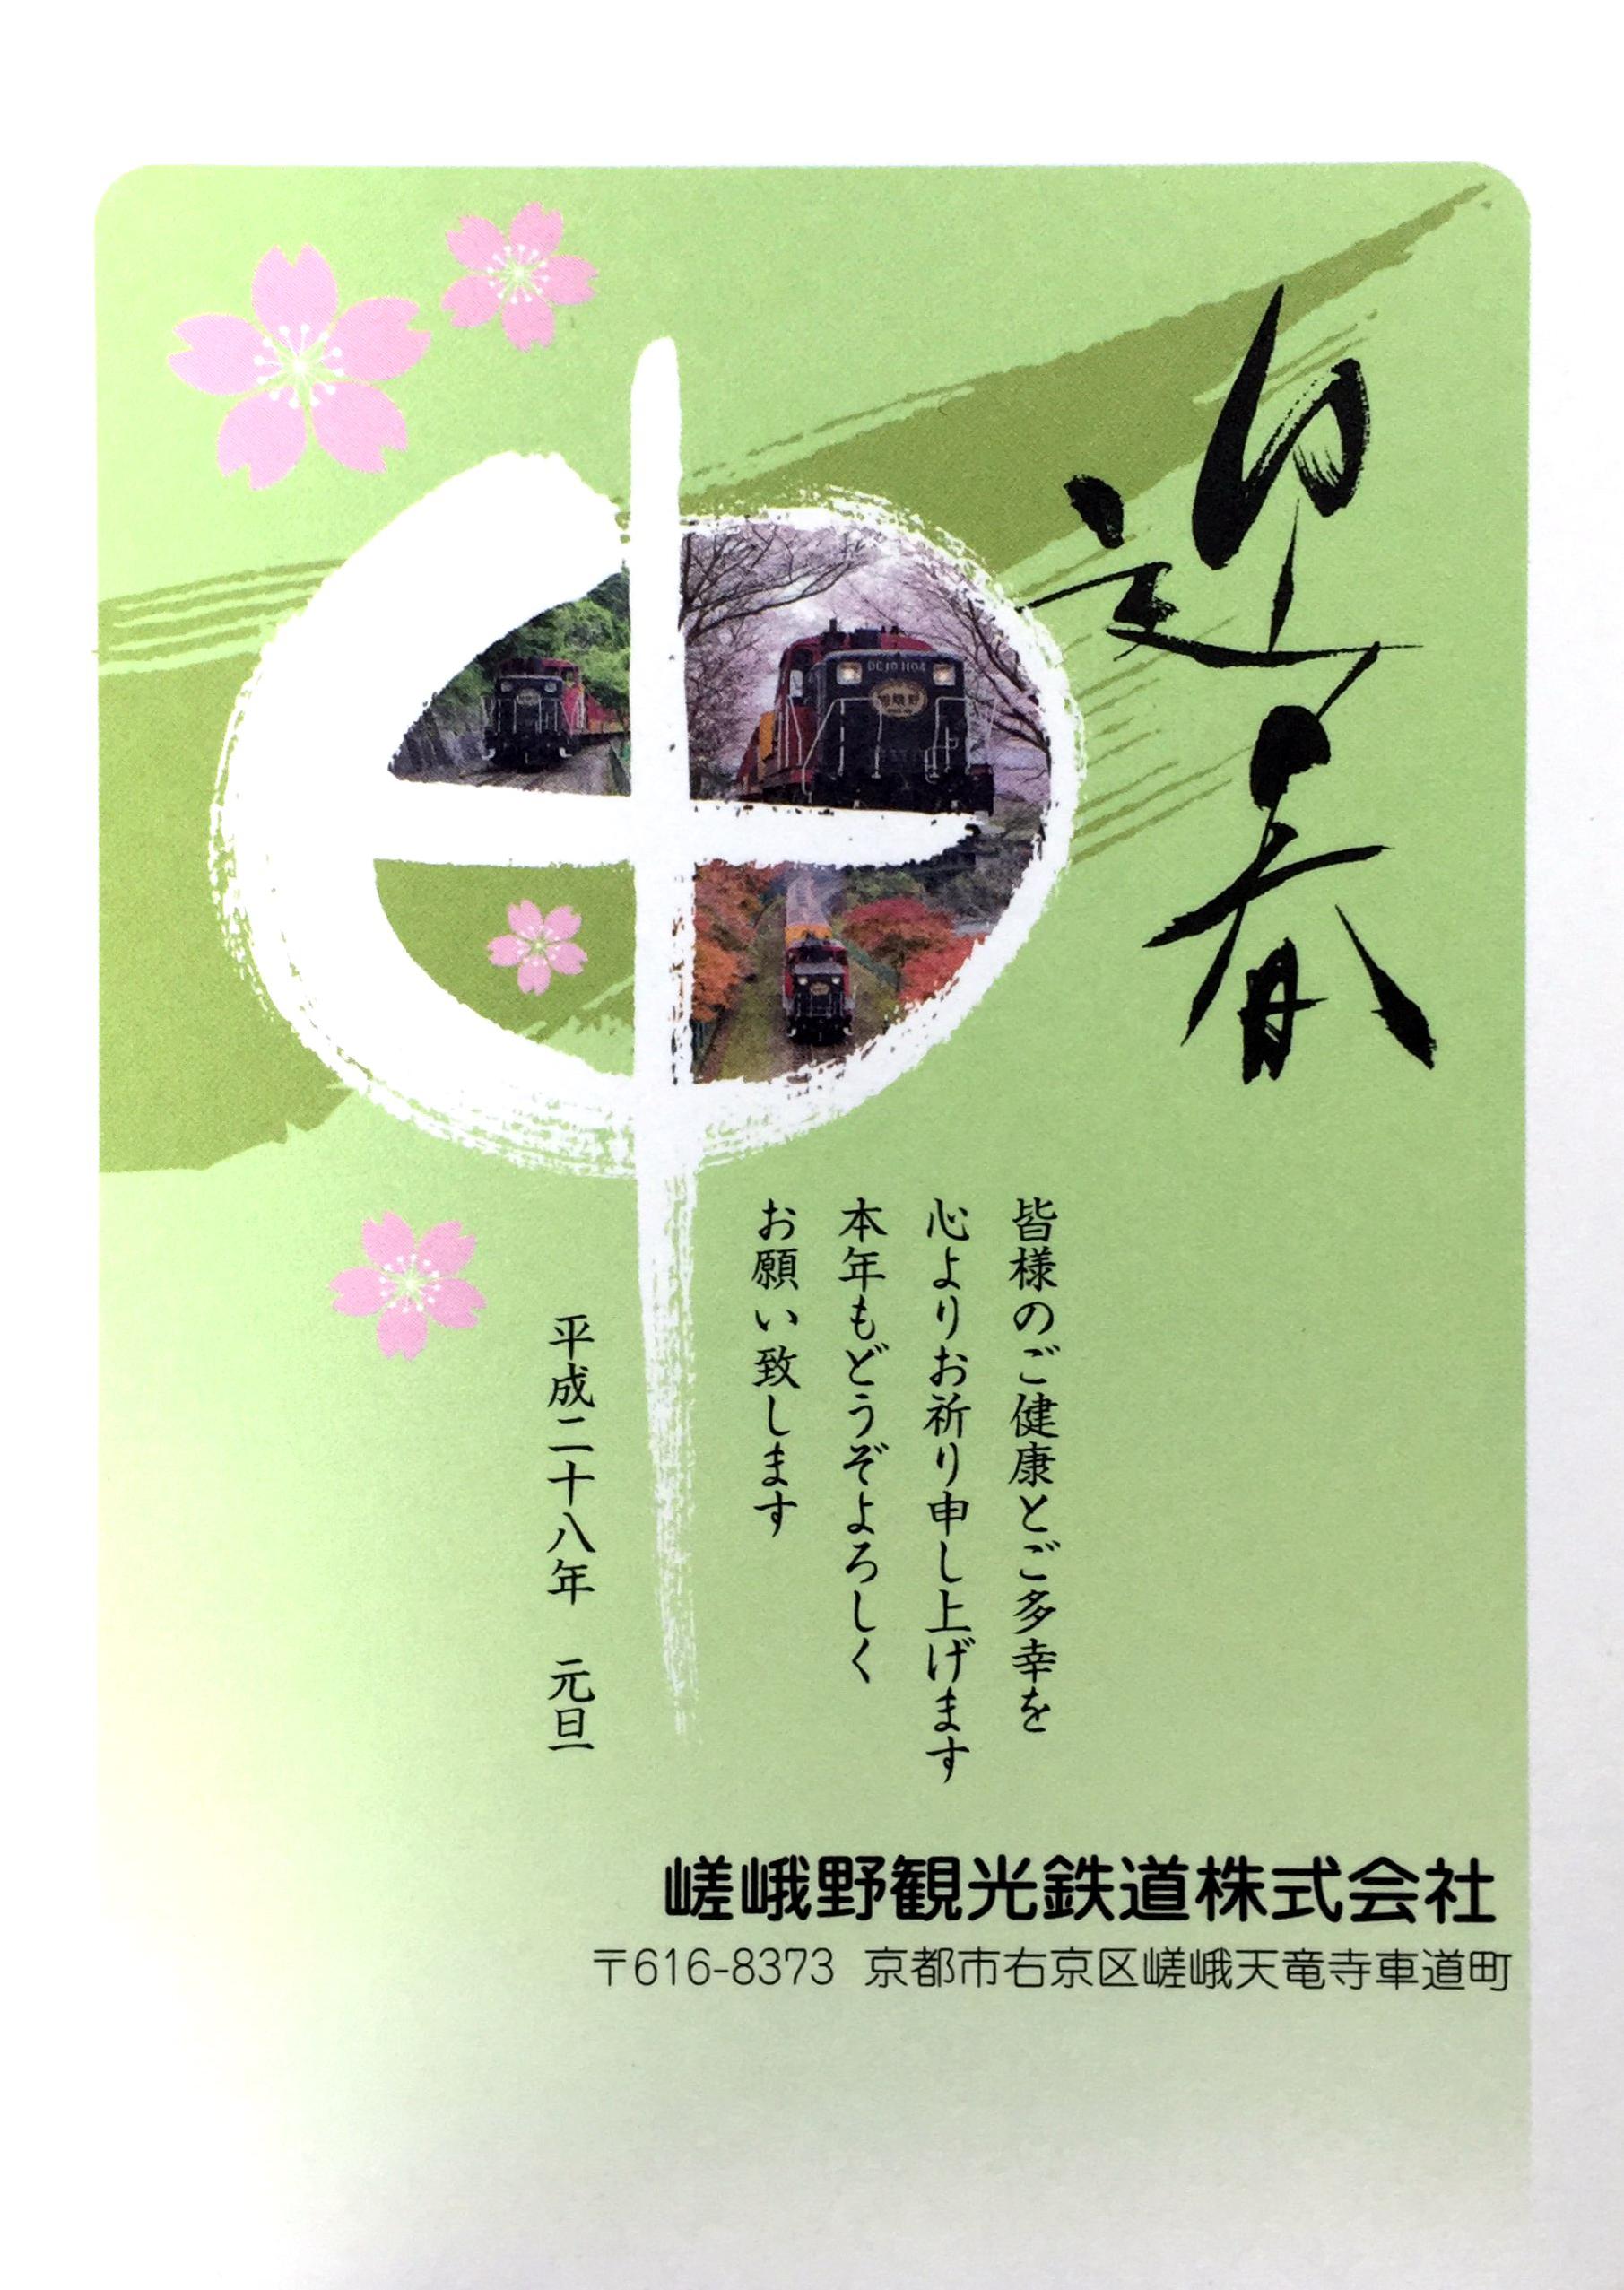 嵯峨野観光鉄道株式会社-2016年賀